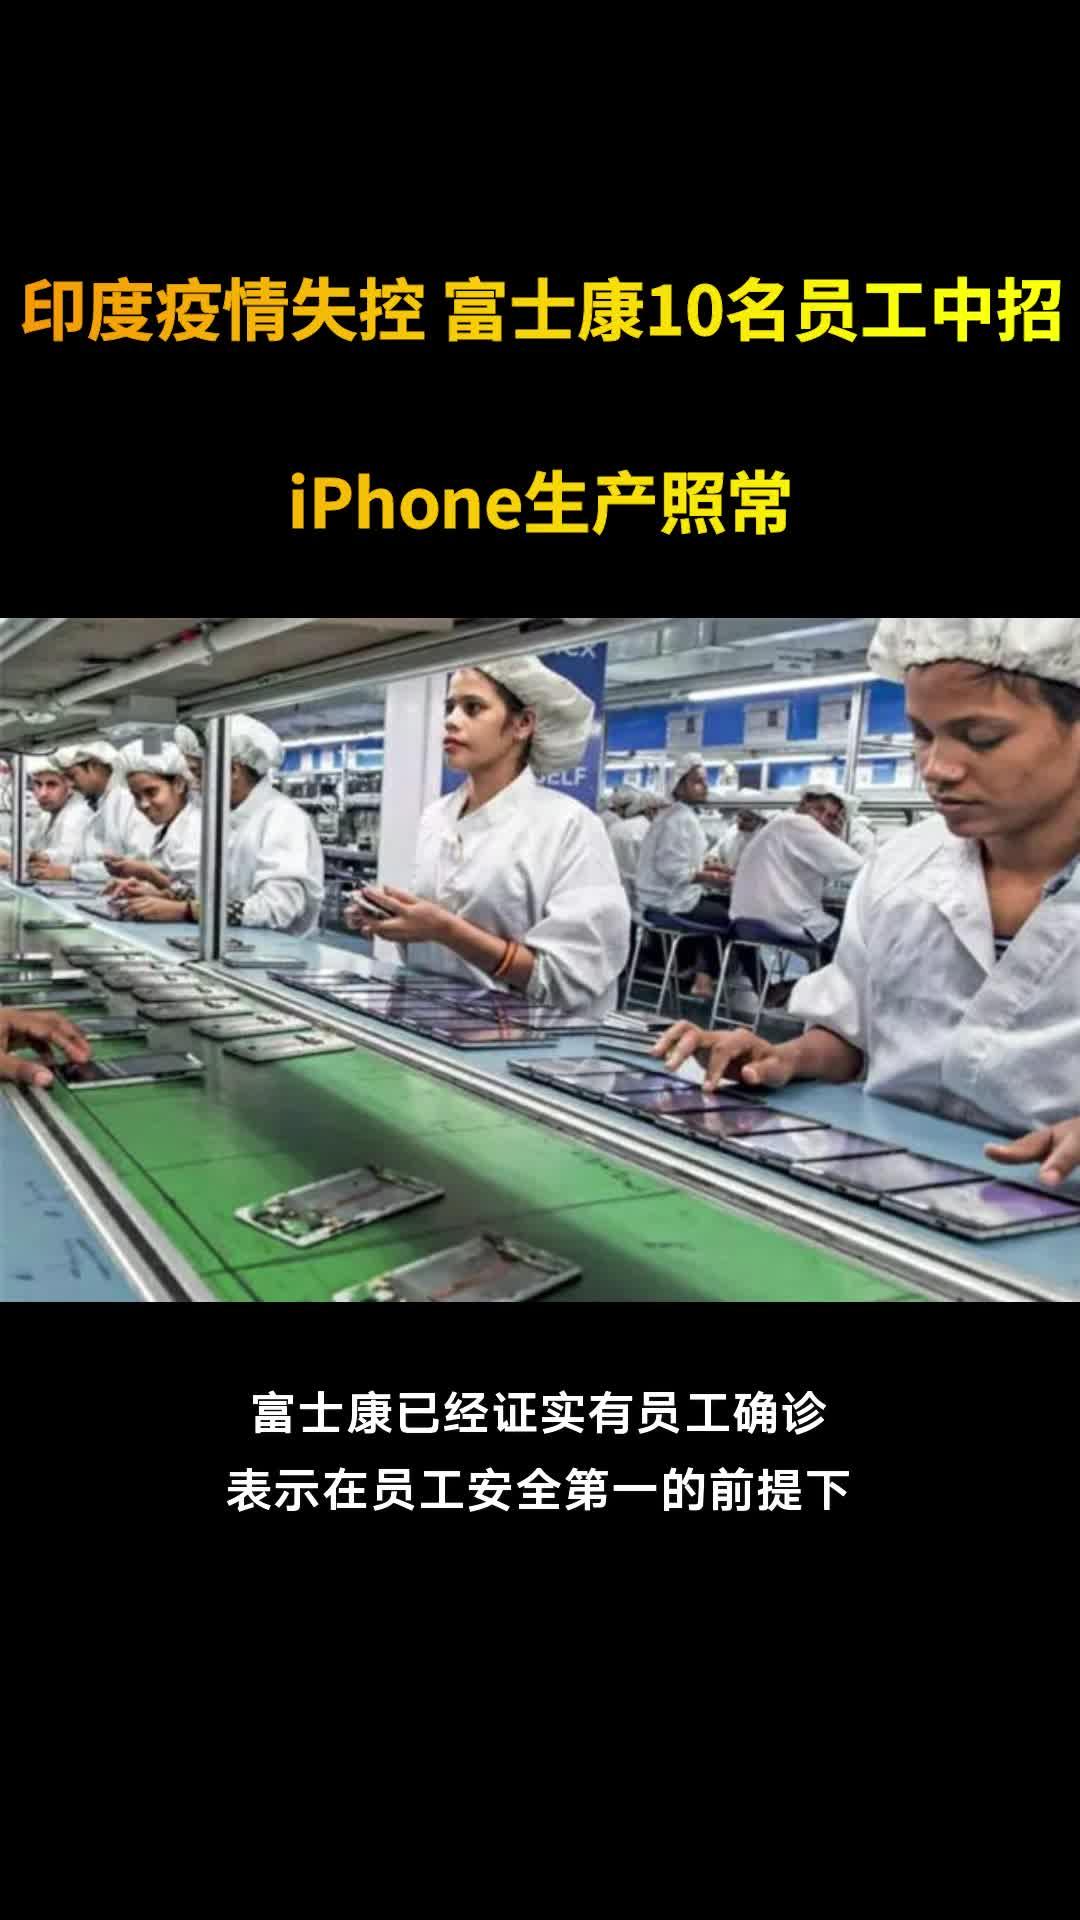 印度疫情失控 富士康10名员工中招:iPhone生产照常